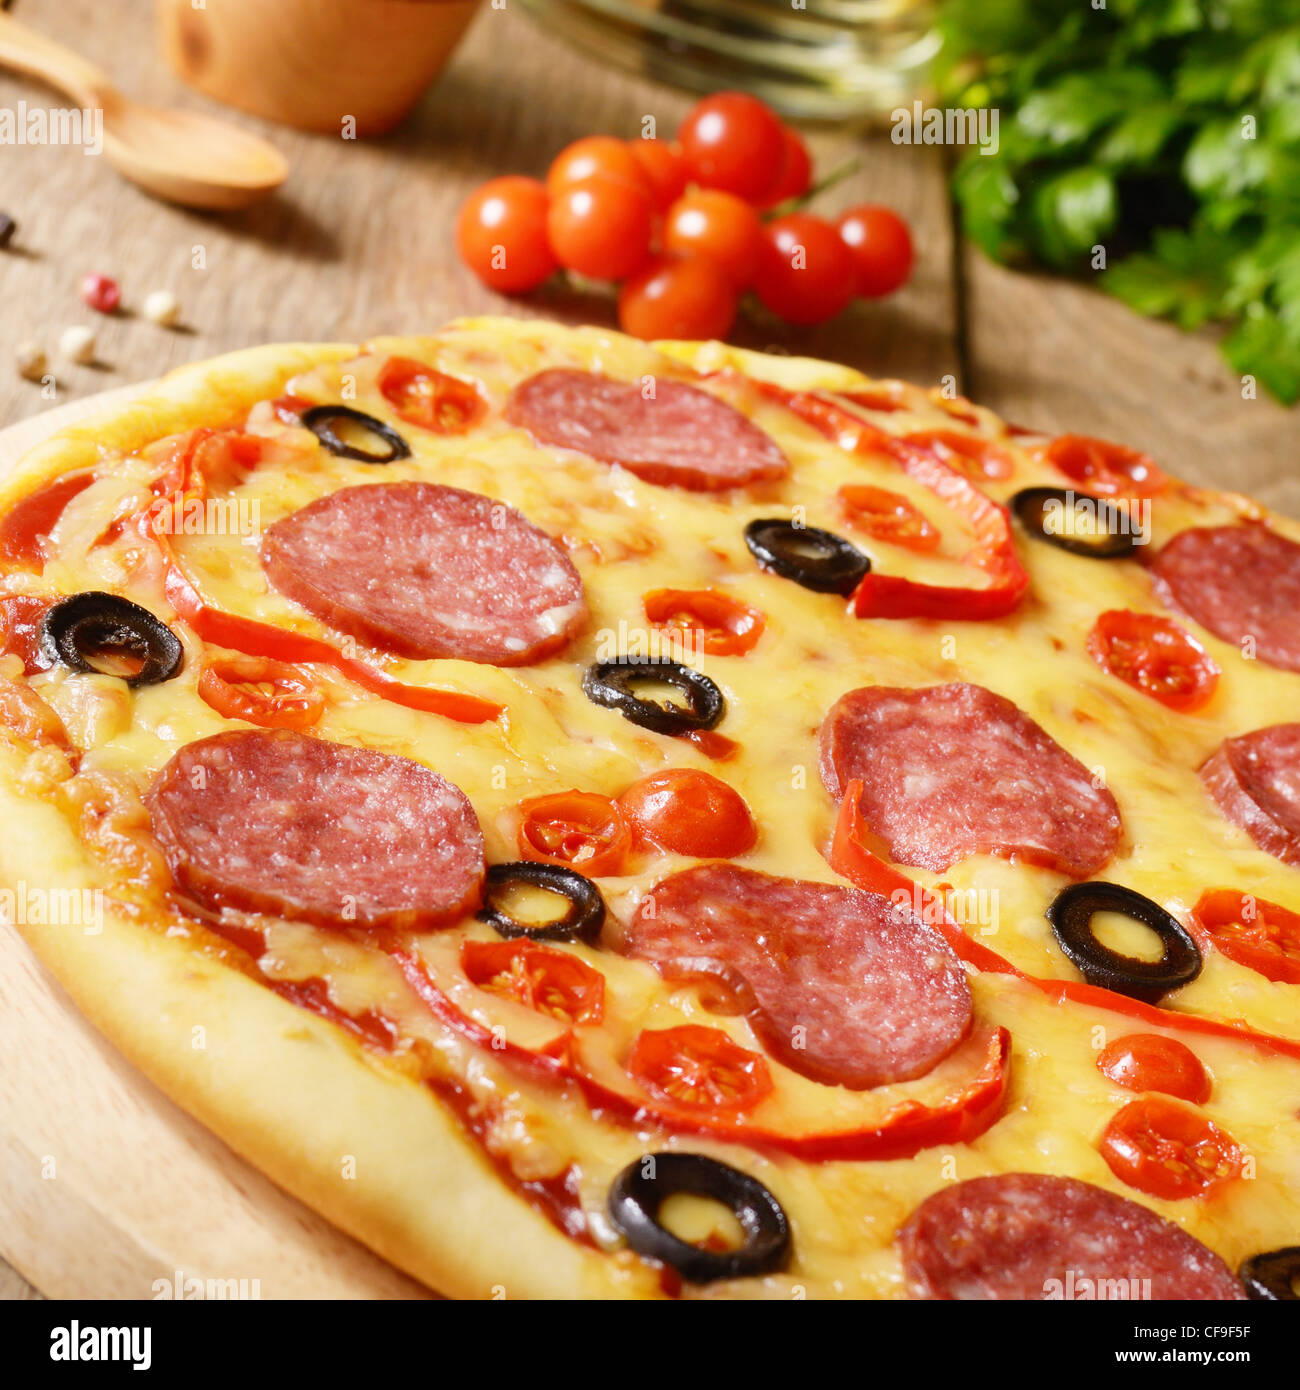 Peperoni-Pizza mit Kirsche und Paprika auf dem Küchentisch Stockfoto ...